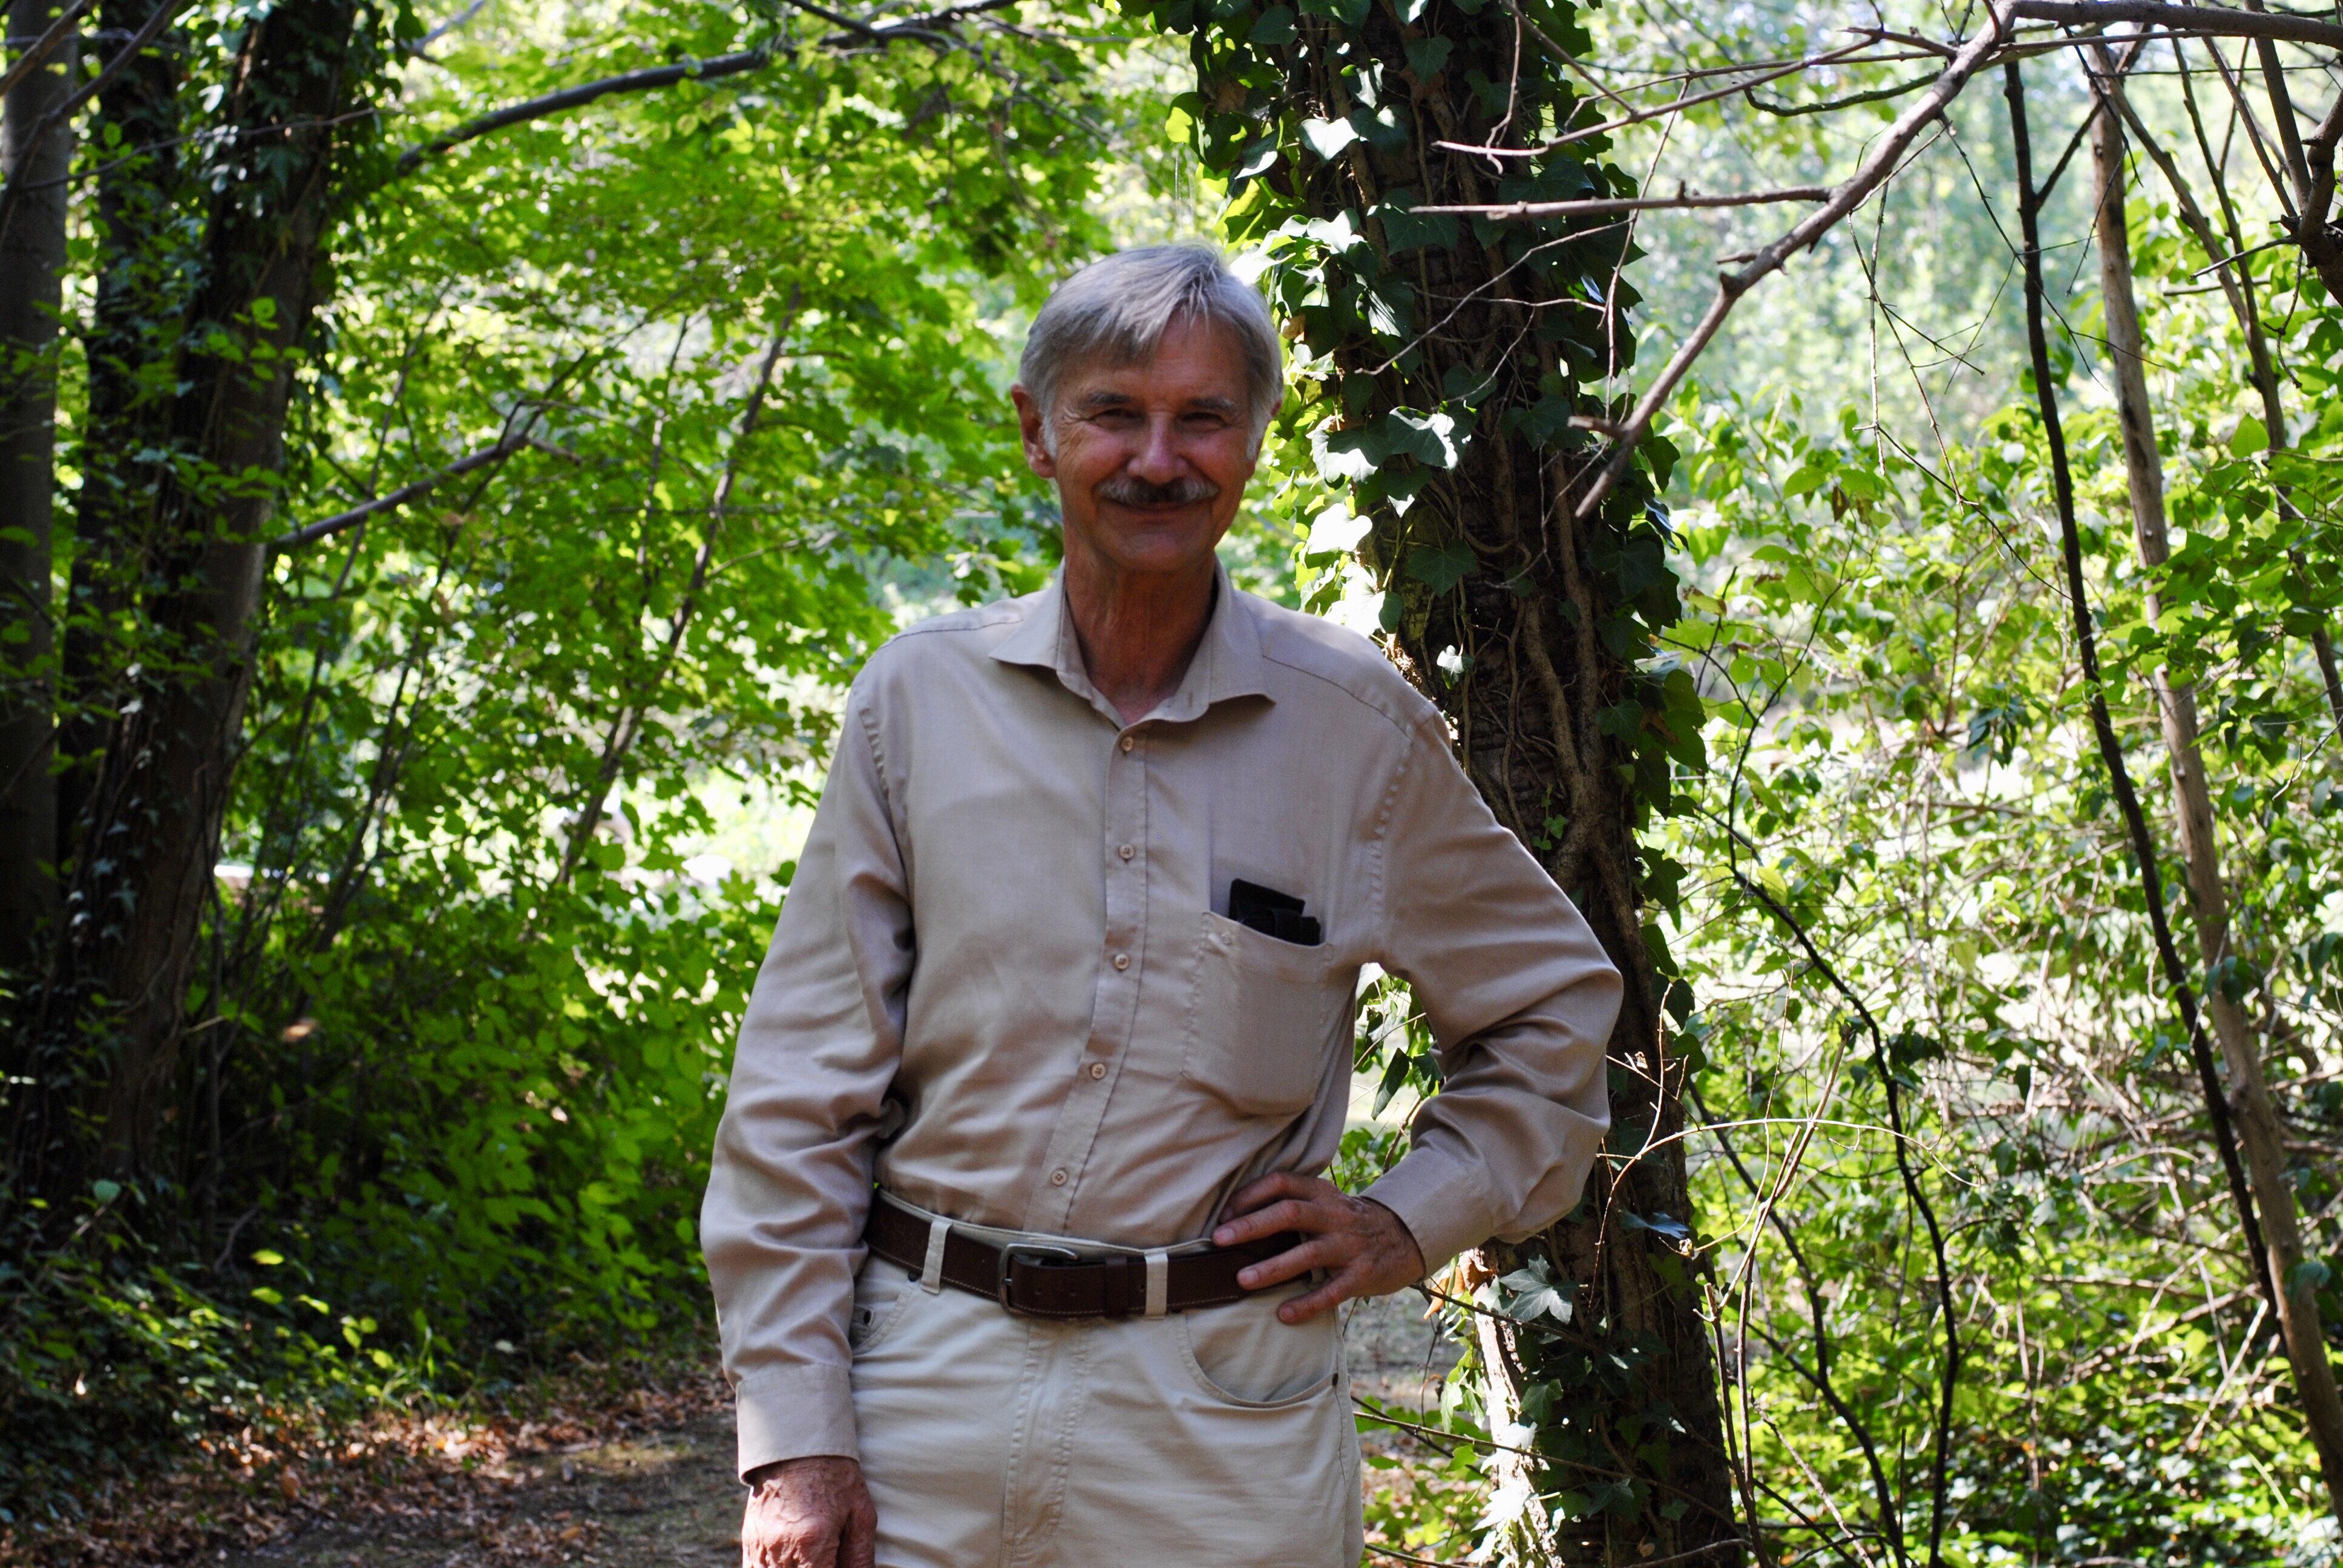 Biologe Josef Reichholf auf dem Gelände der Zoologischen Staatssammlung in